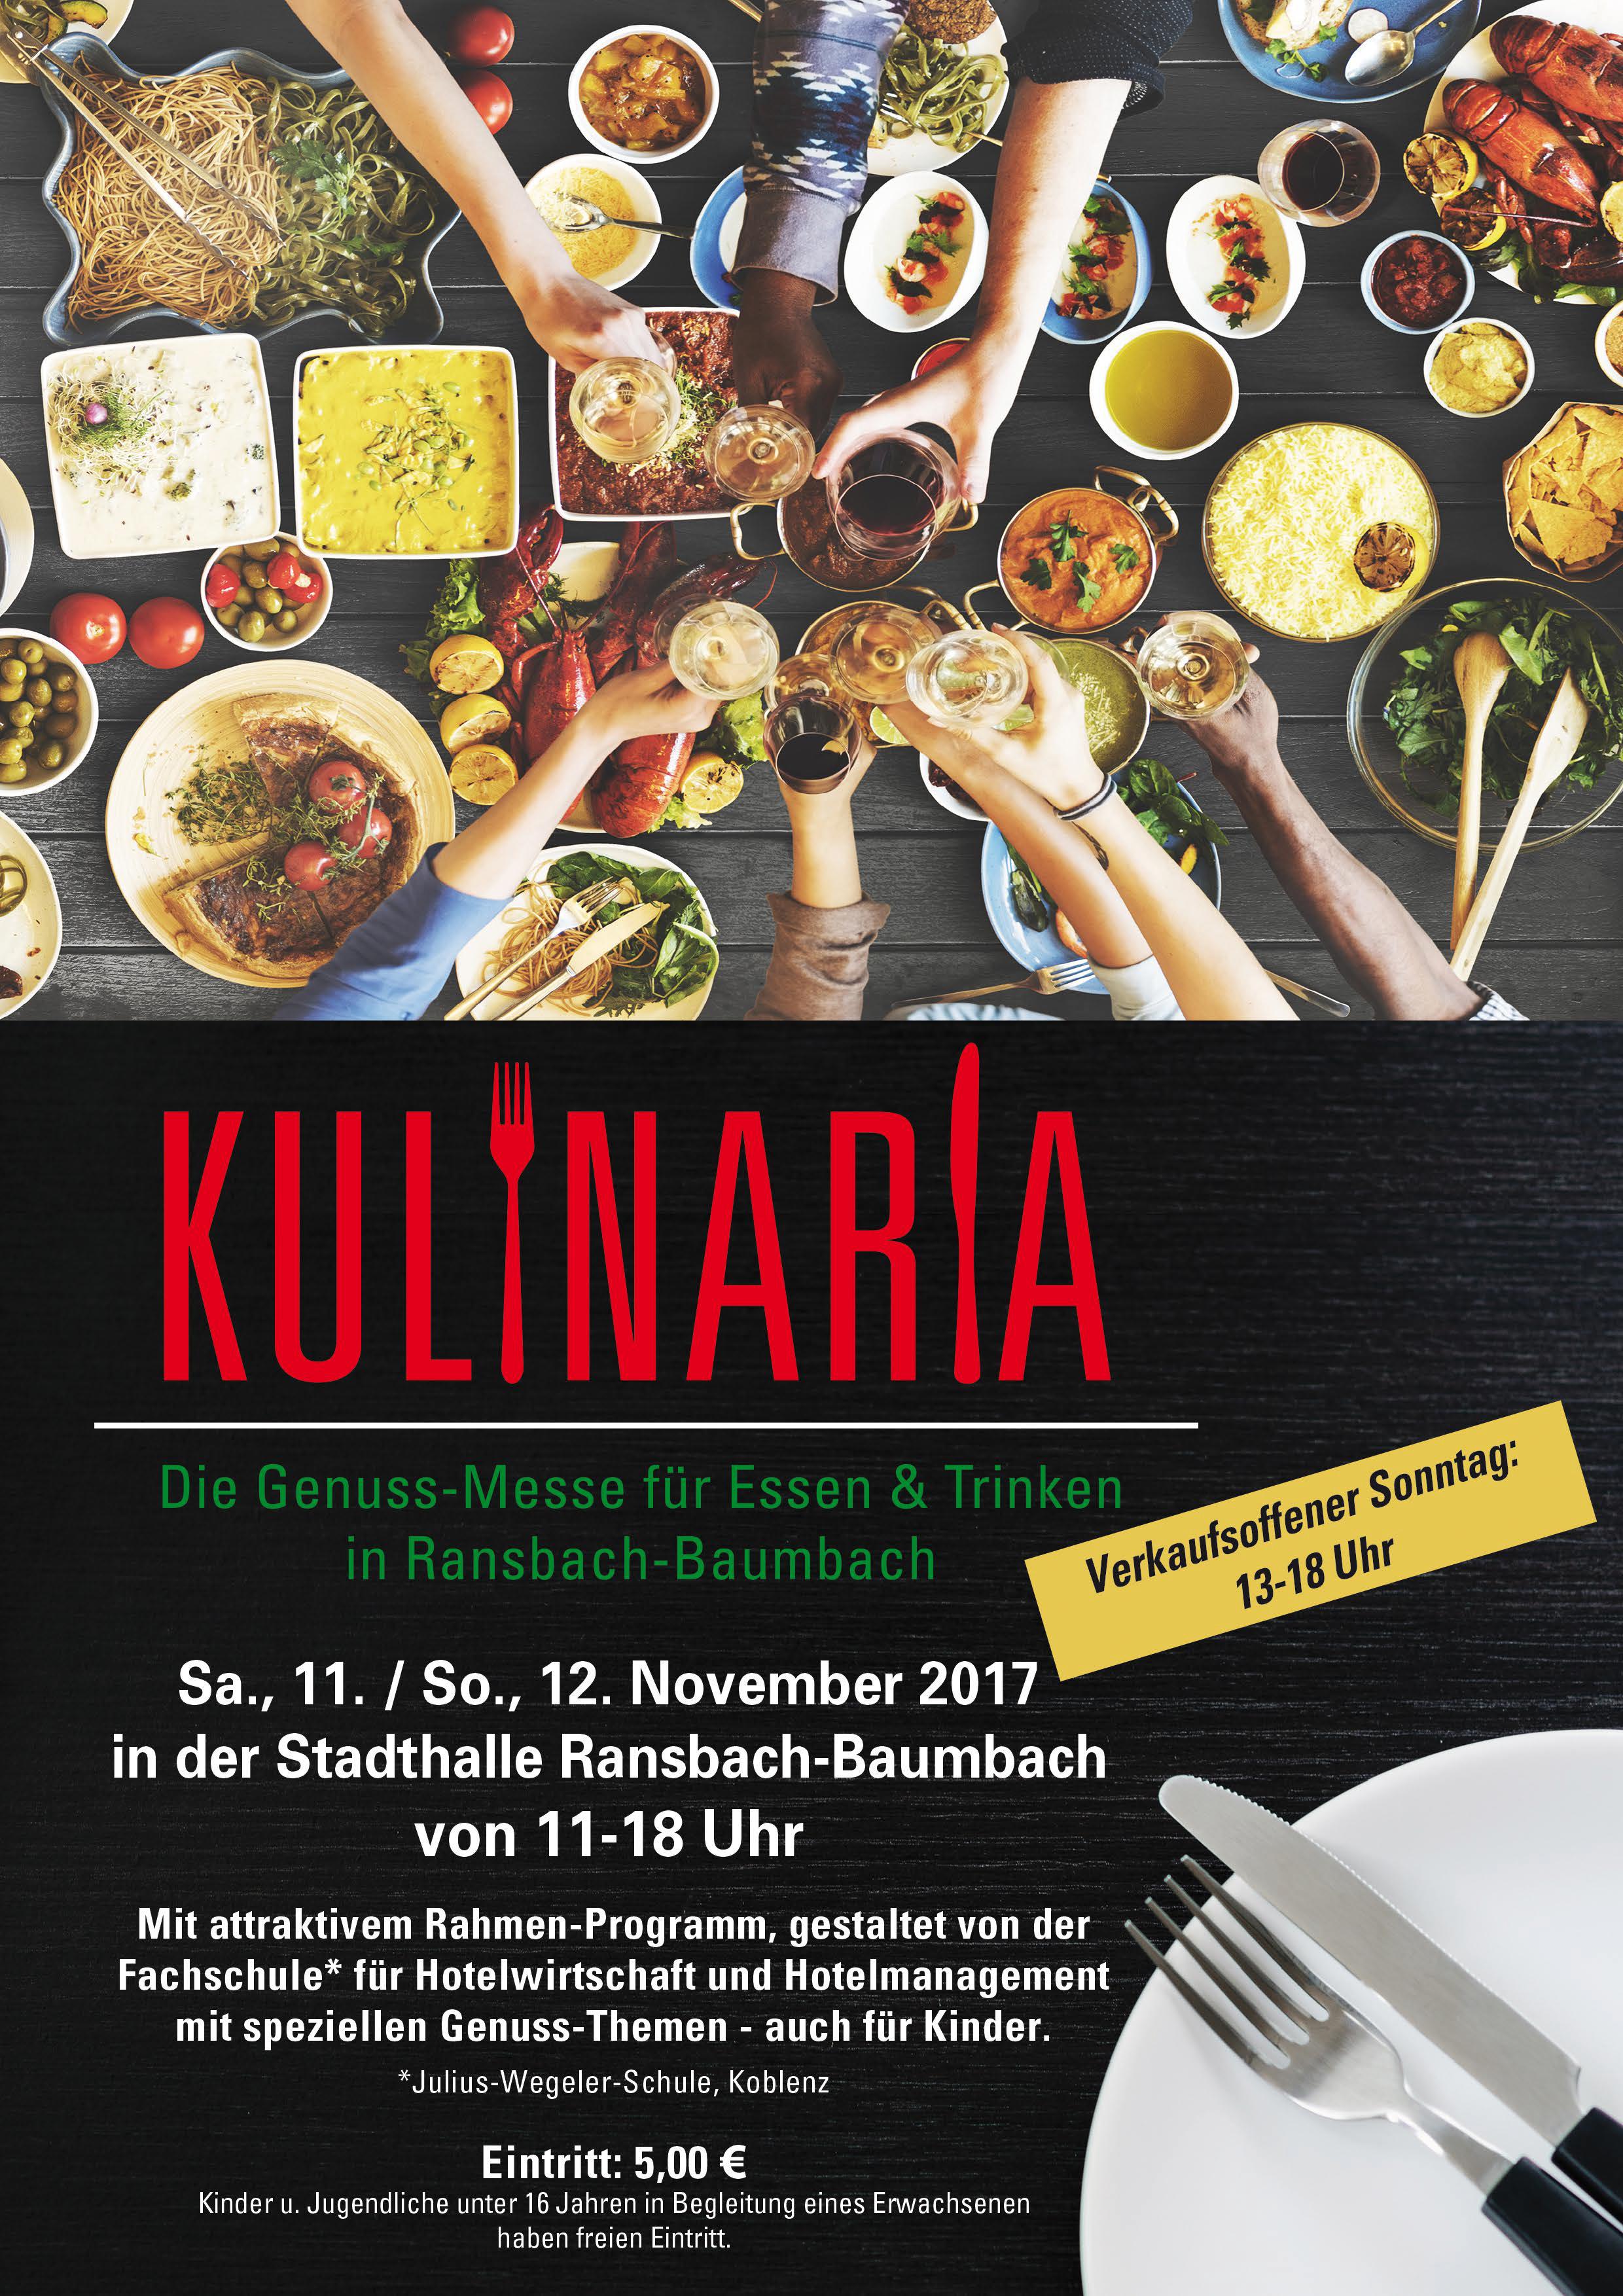 Kulinaria_A4